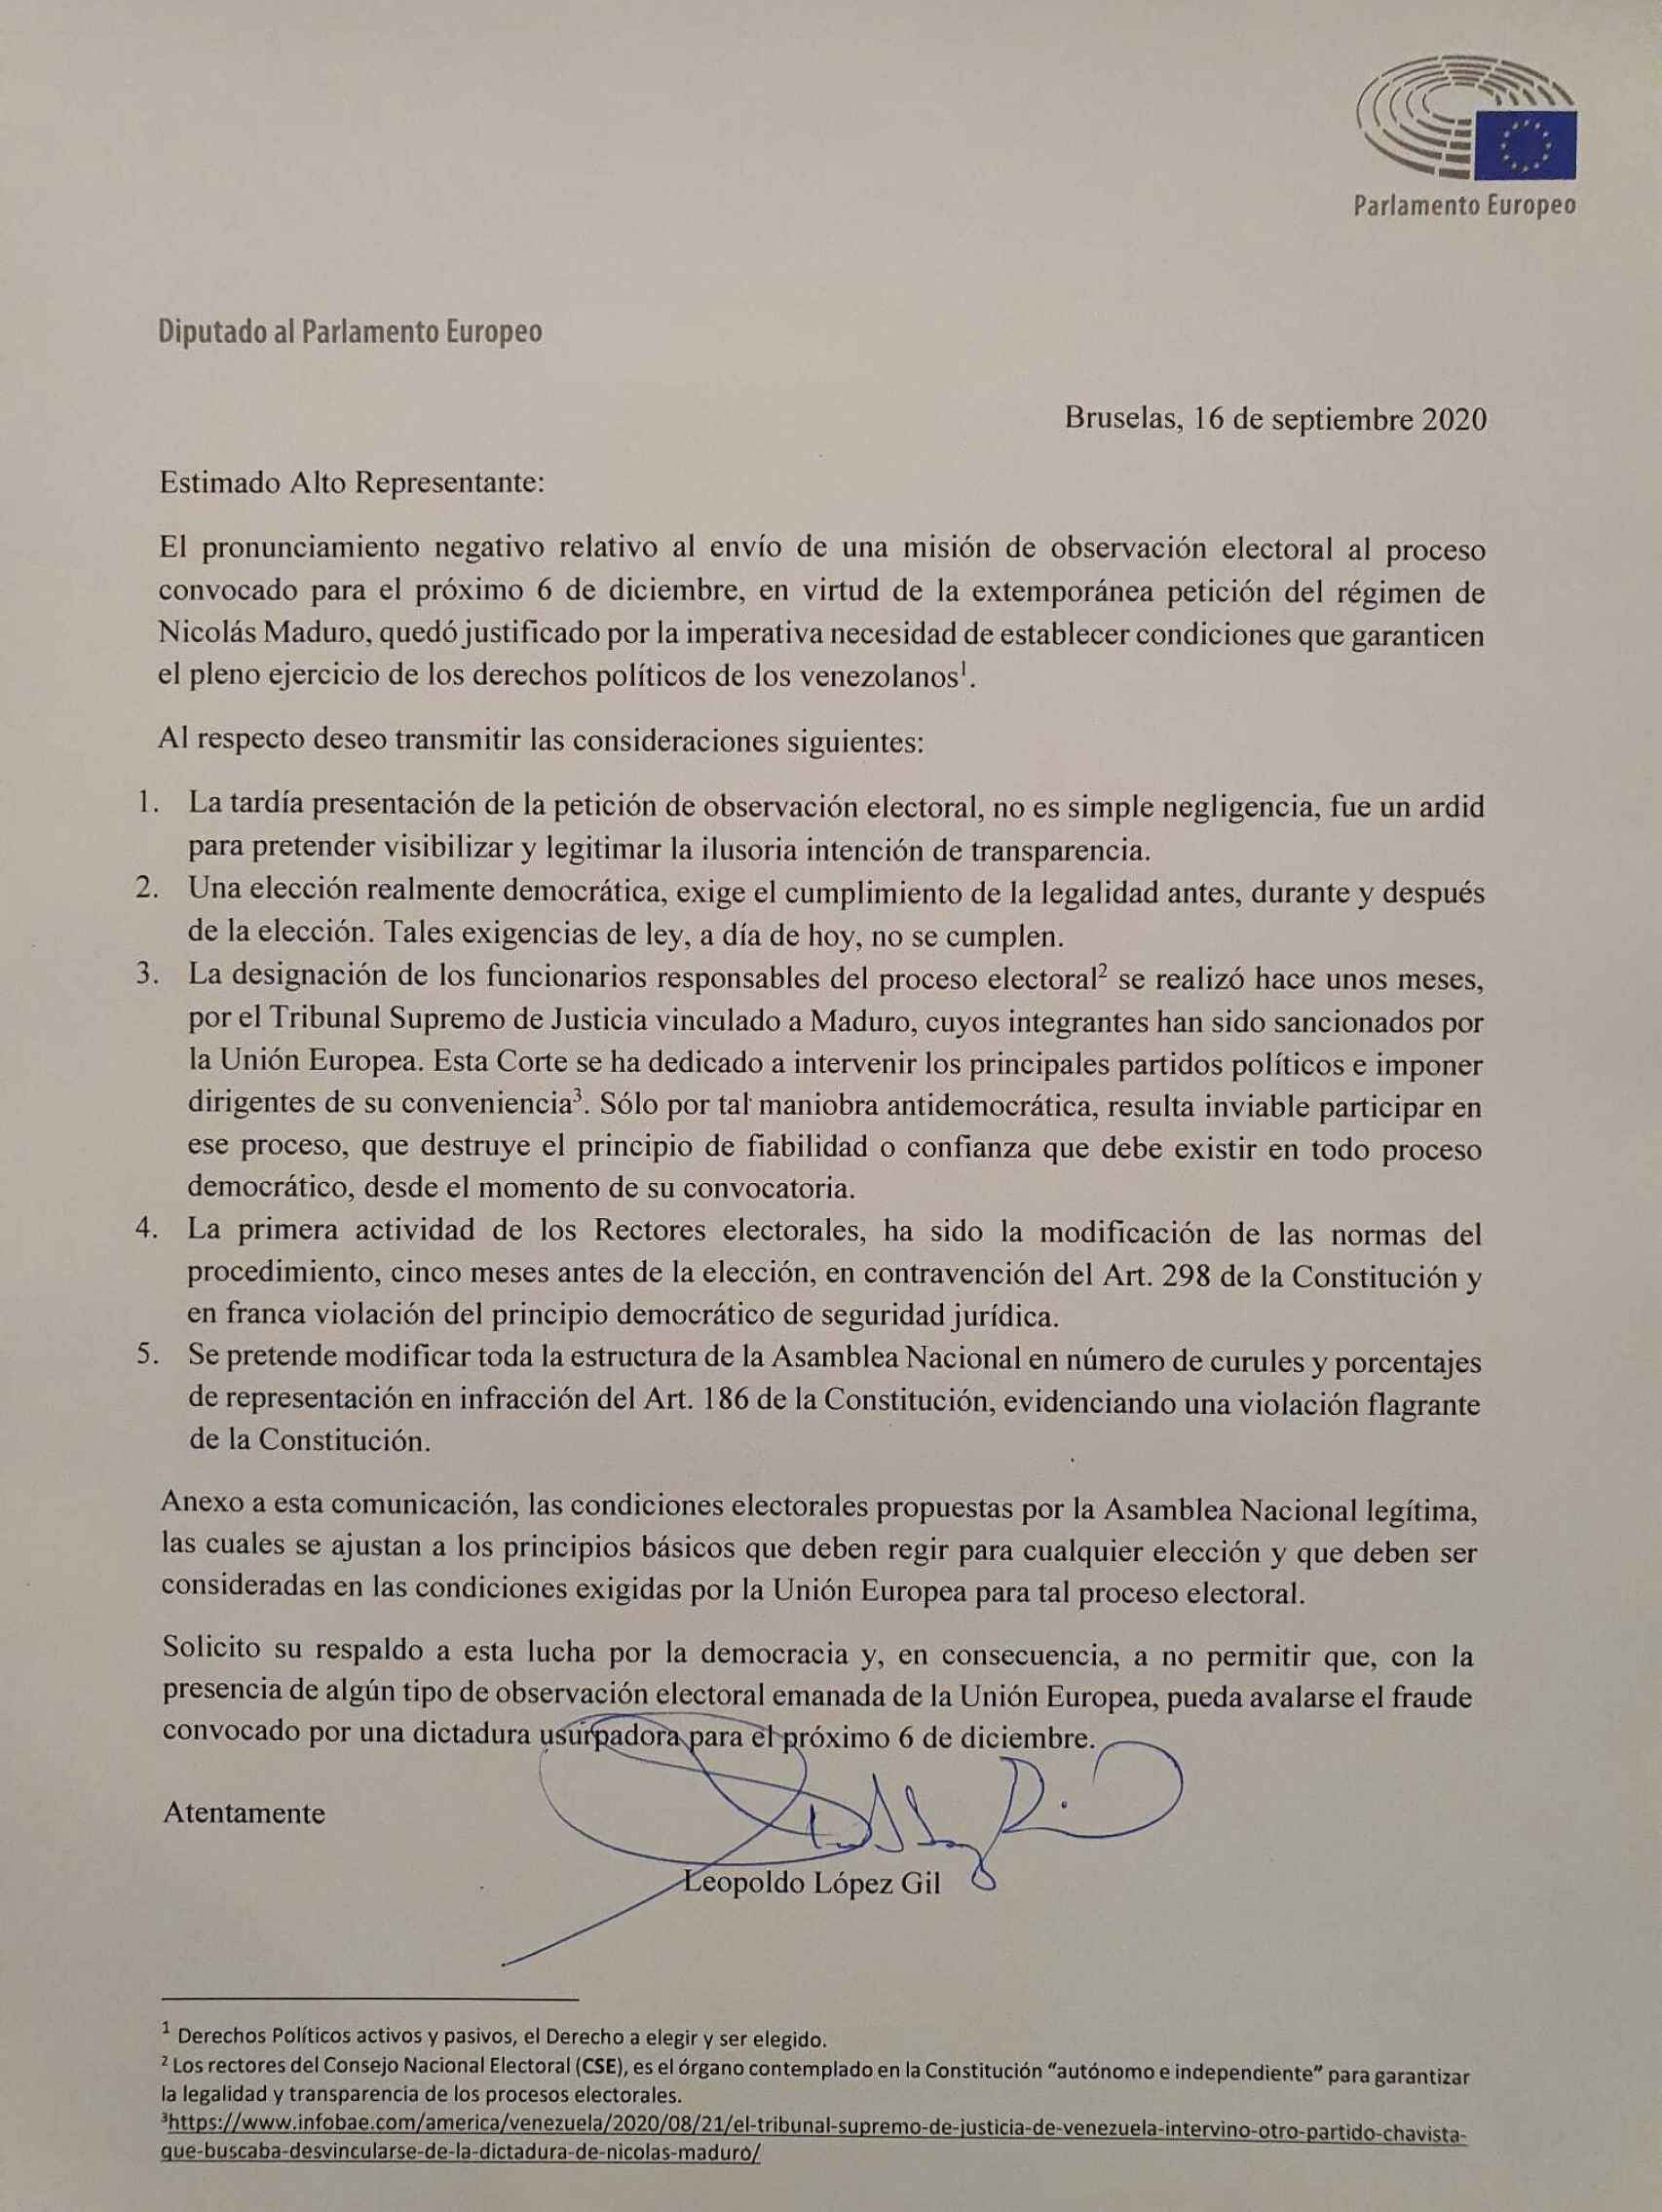 La carta enviada por López Gil a Josep Borrell.